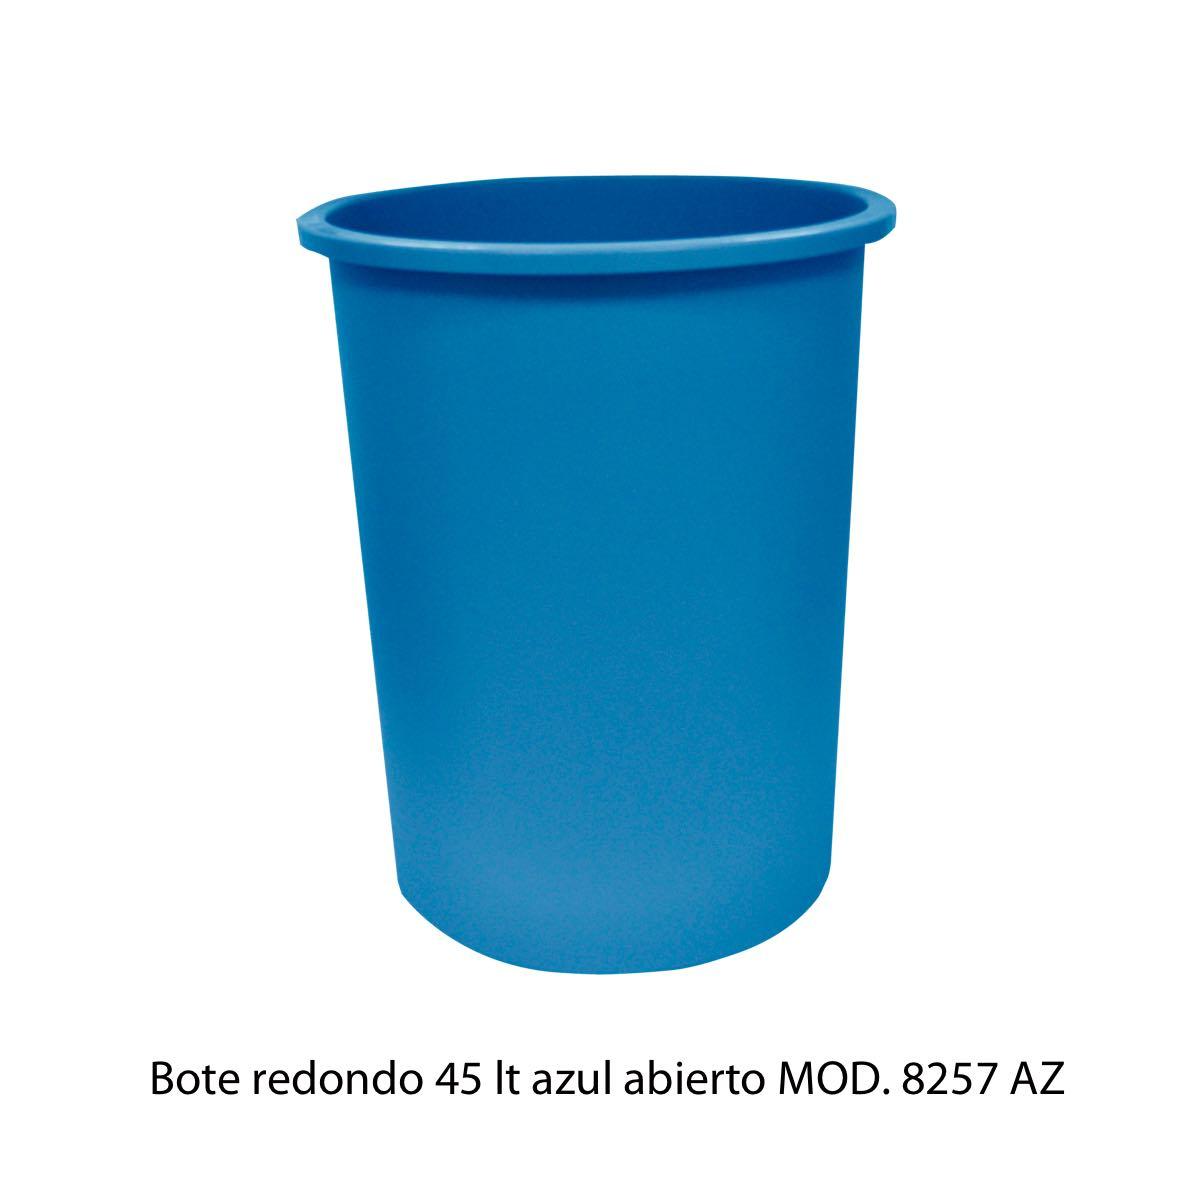 Bote de basura redondo de 45 litros sin tapa color azul modelo 8257 AZ Sablón